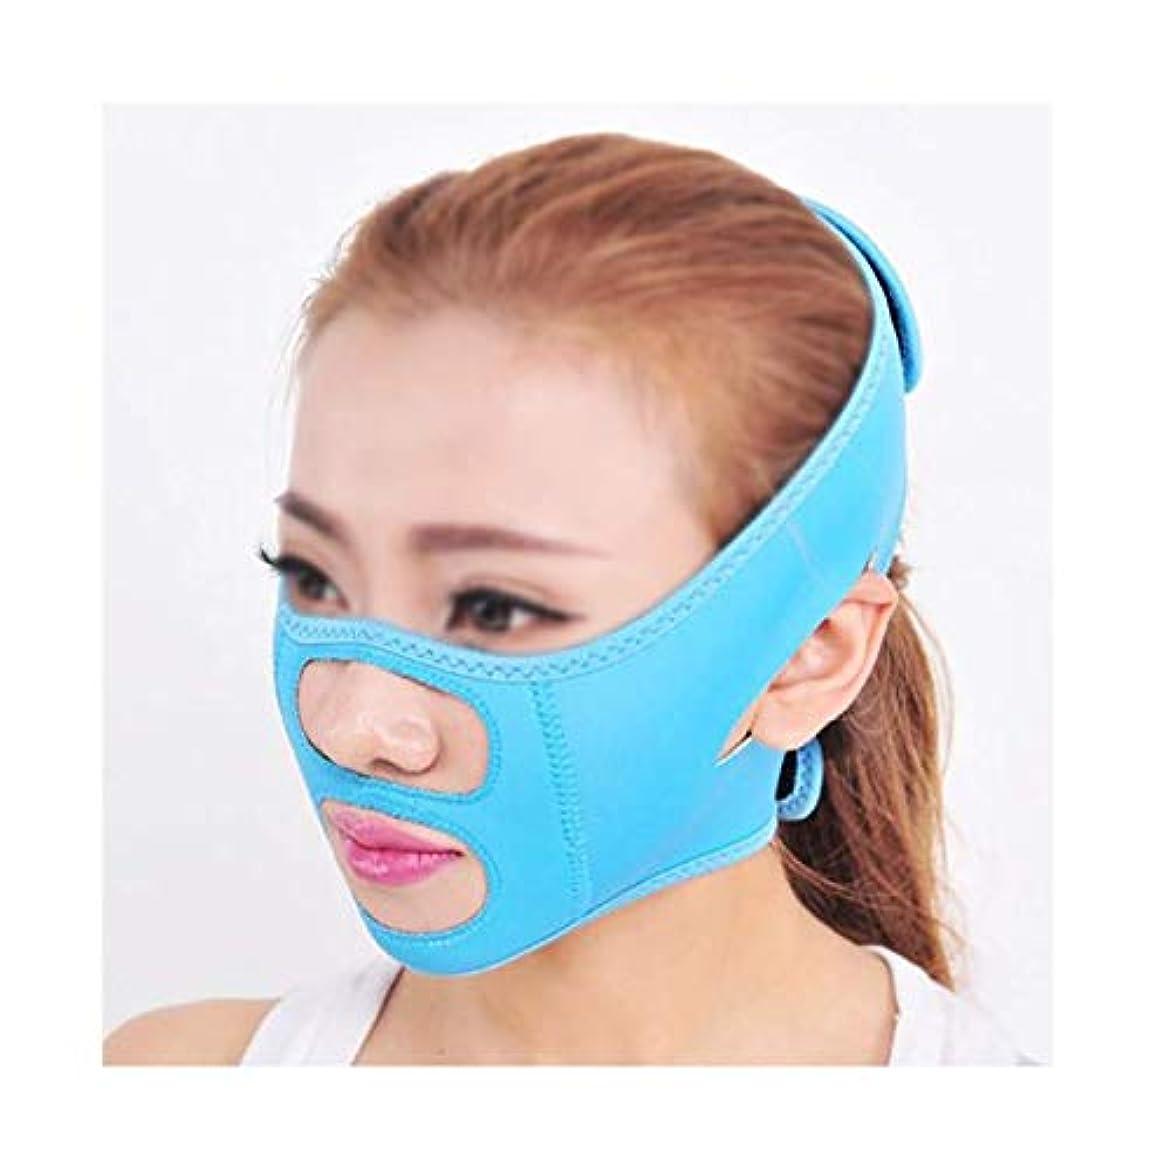 クランププロペラクラックポットファーミングフェイスマスク、術後リフティングマスクホーム包帯揺れネットワーク赤女性Vフェイスステッカーストラップ楽器顔アーティファクト(色:青),青